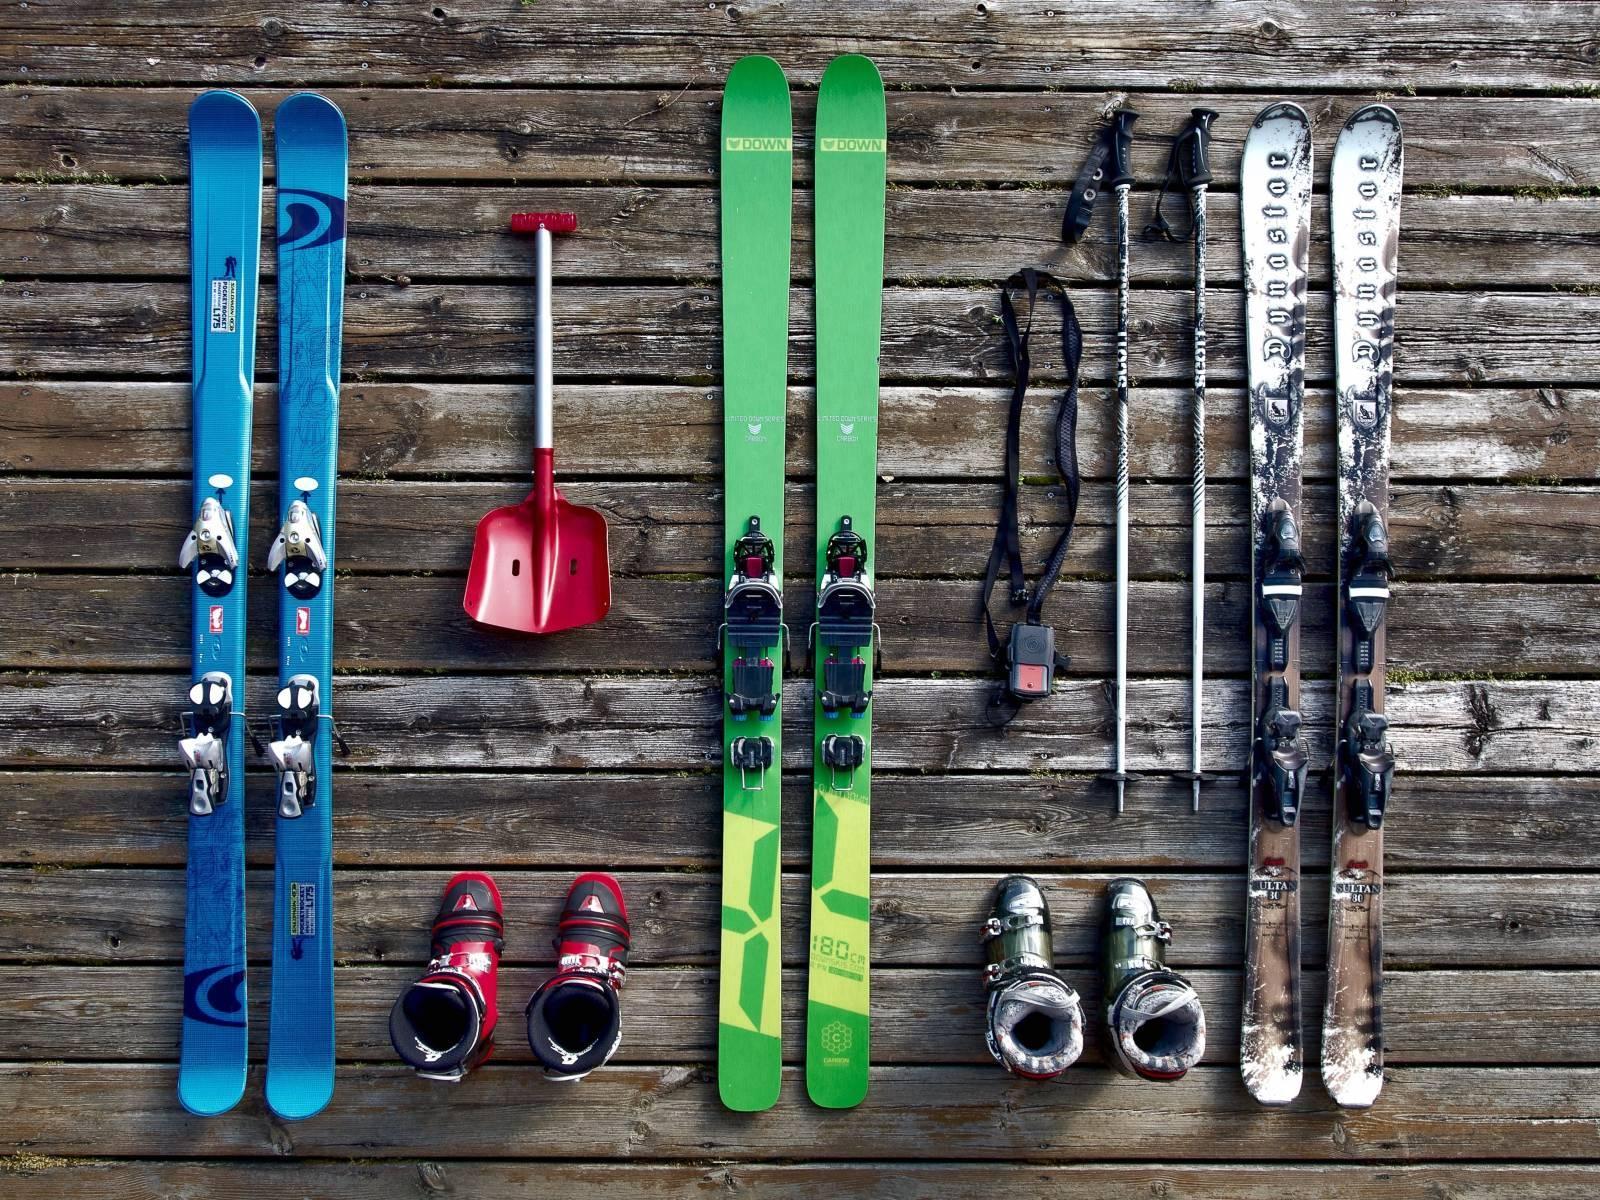 【台北滑雪場推薦】在台灣就能練習滑雪,5間大台北滑雪學校體驗評比